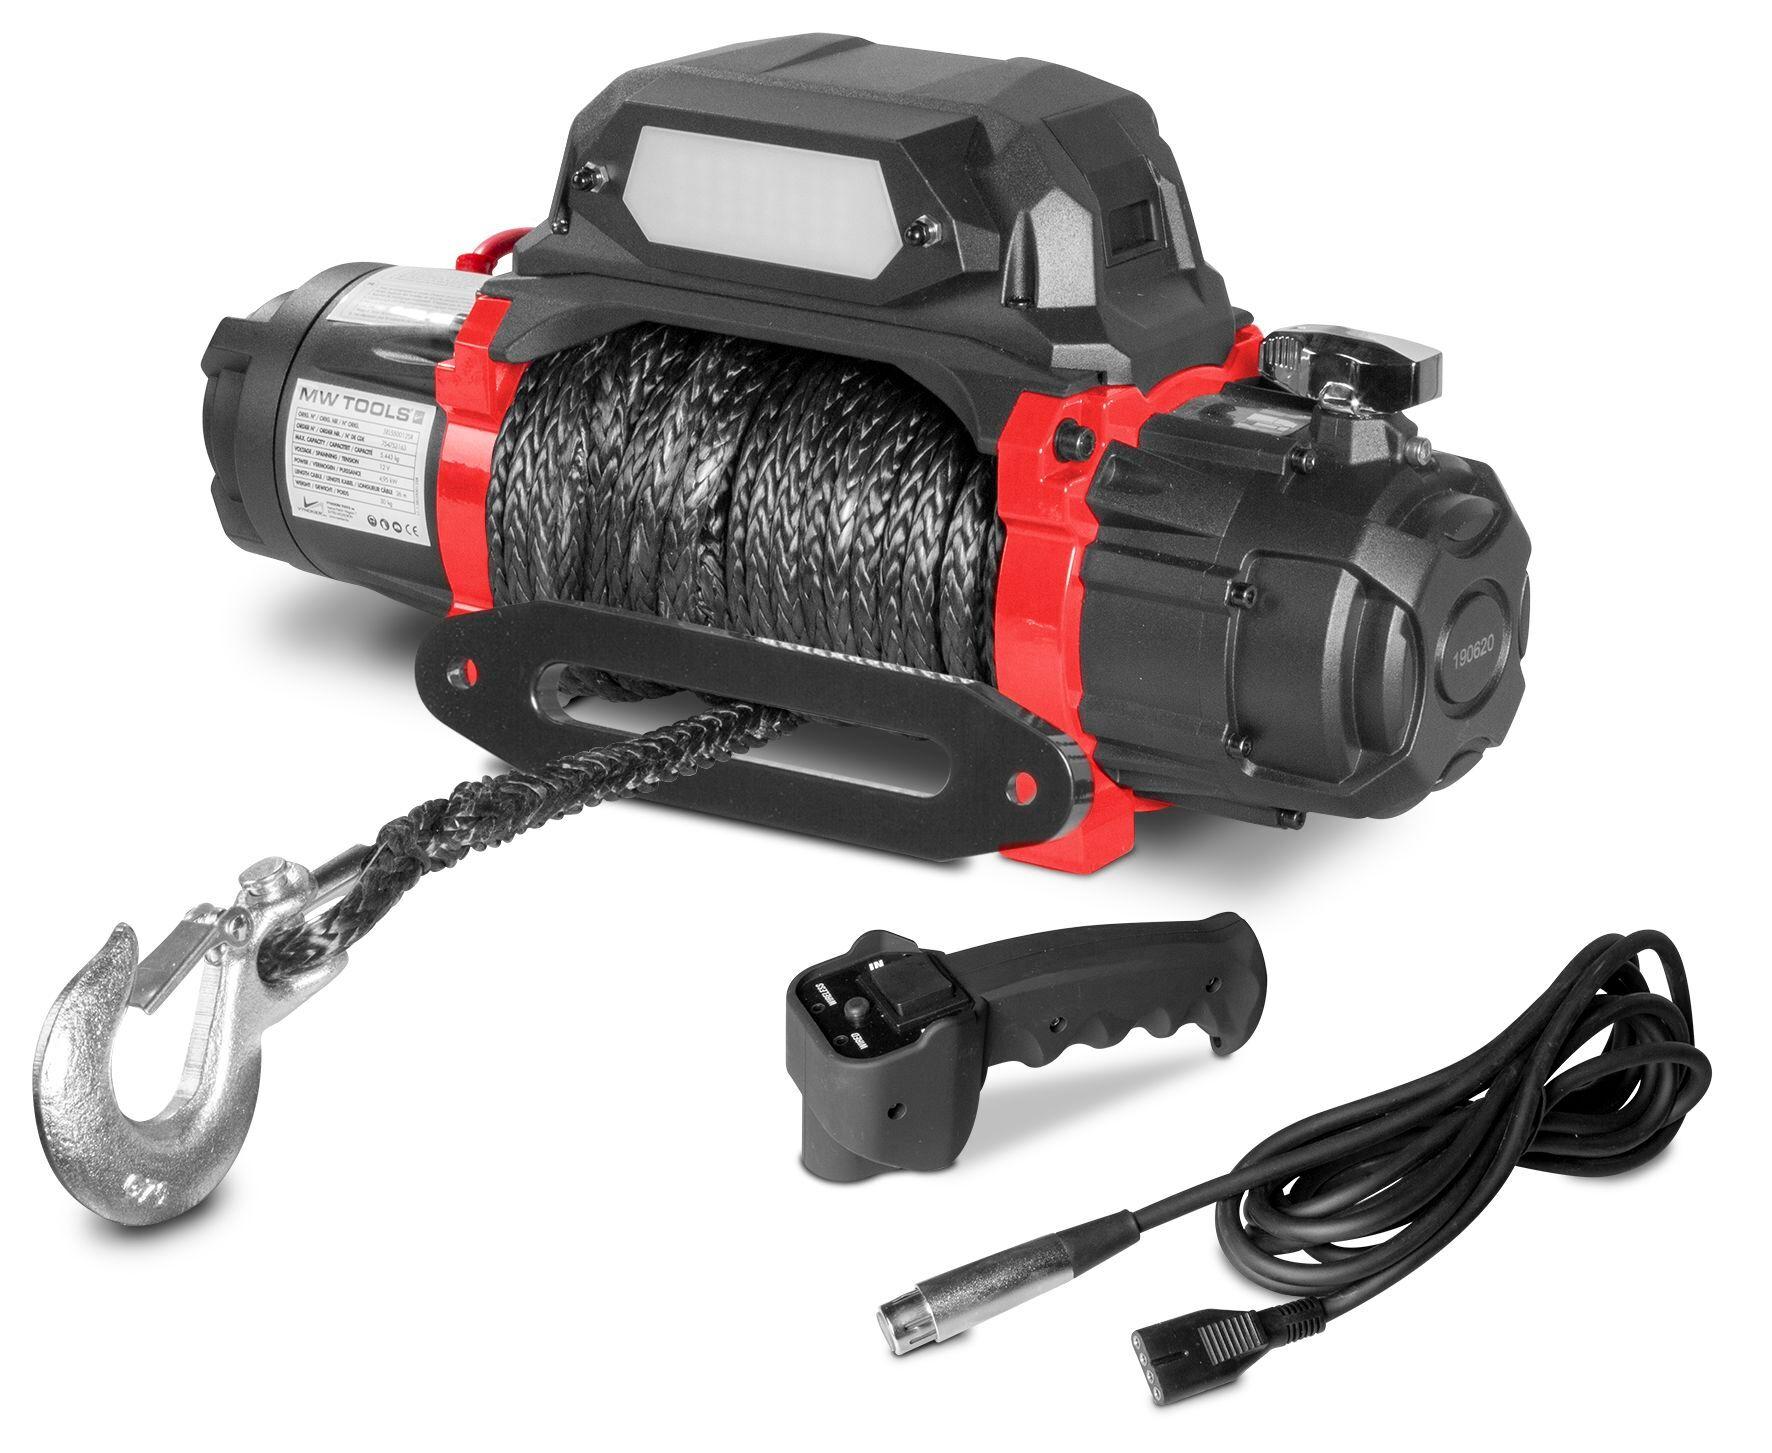 Mw-tools Treuil électrique 12V synthétique 5443 kg 26m haute vitesse MW-Tools SEL550012SR